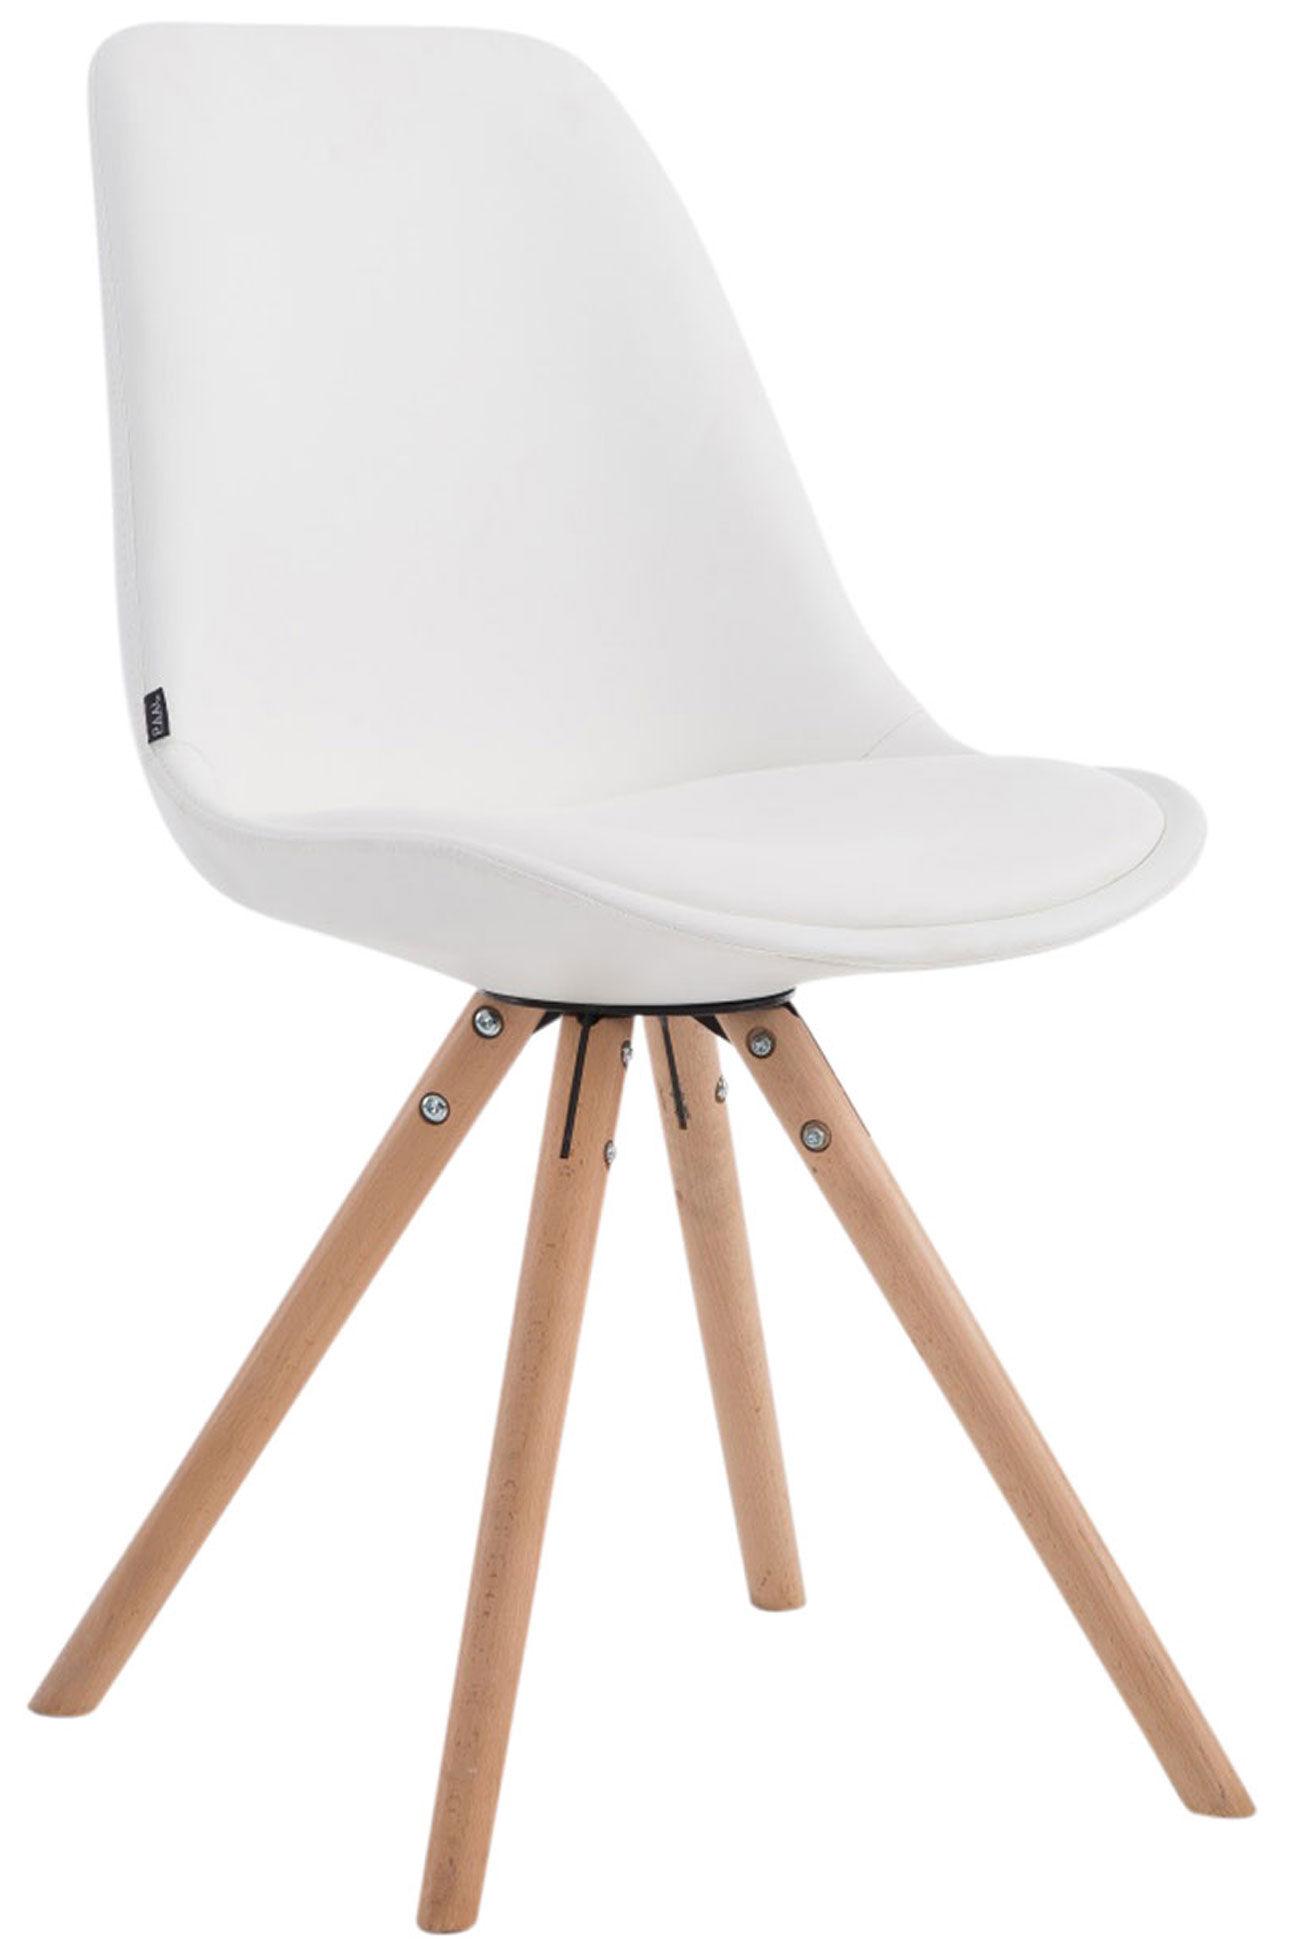 CLP silla de visita Laval con soporte redondo y color madera natural, blanco  blanco, altura del asiento